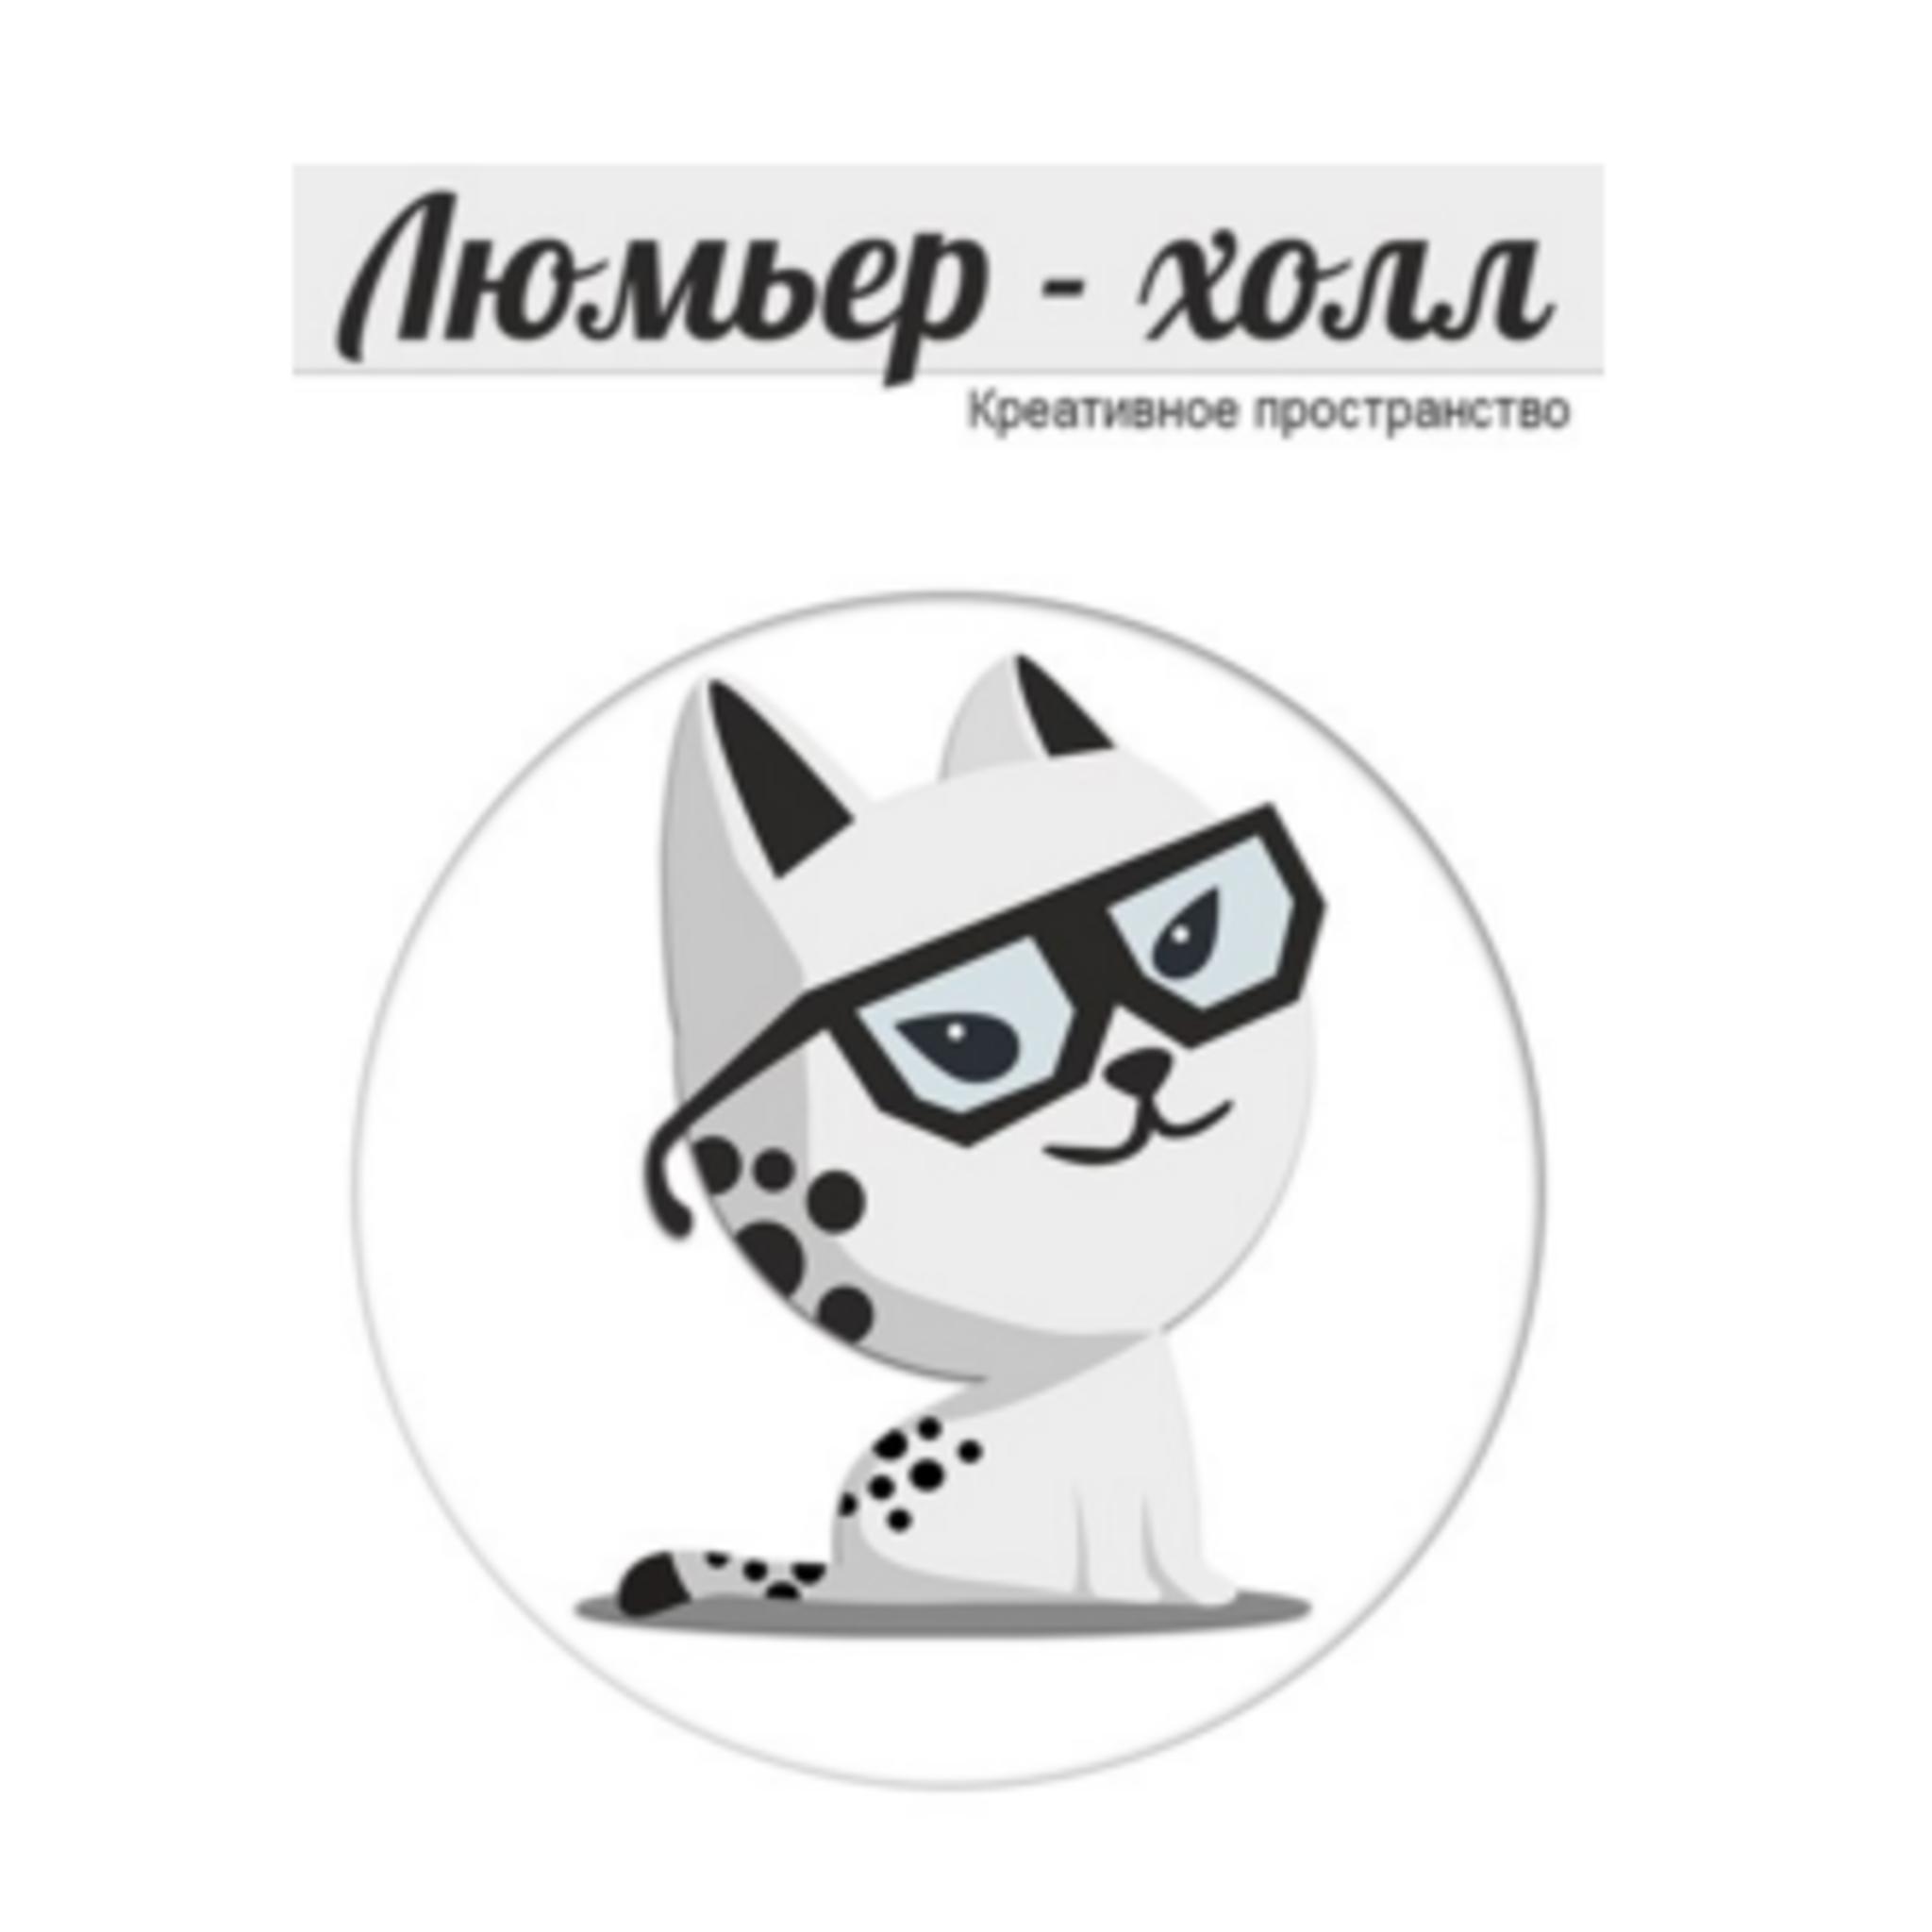 Креативное пространство «Люмьер-Холл» в Санкт-Петербурге